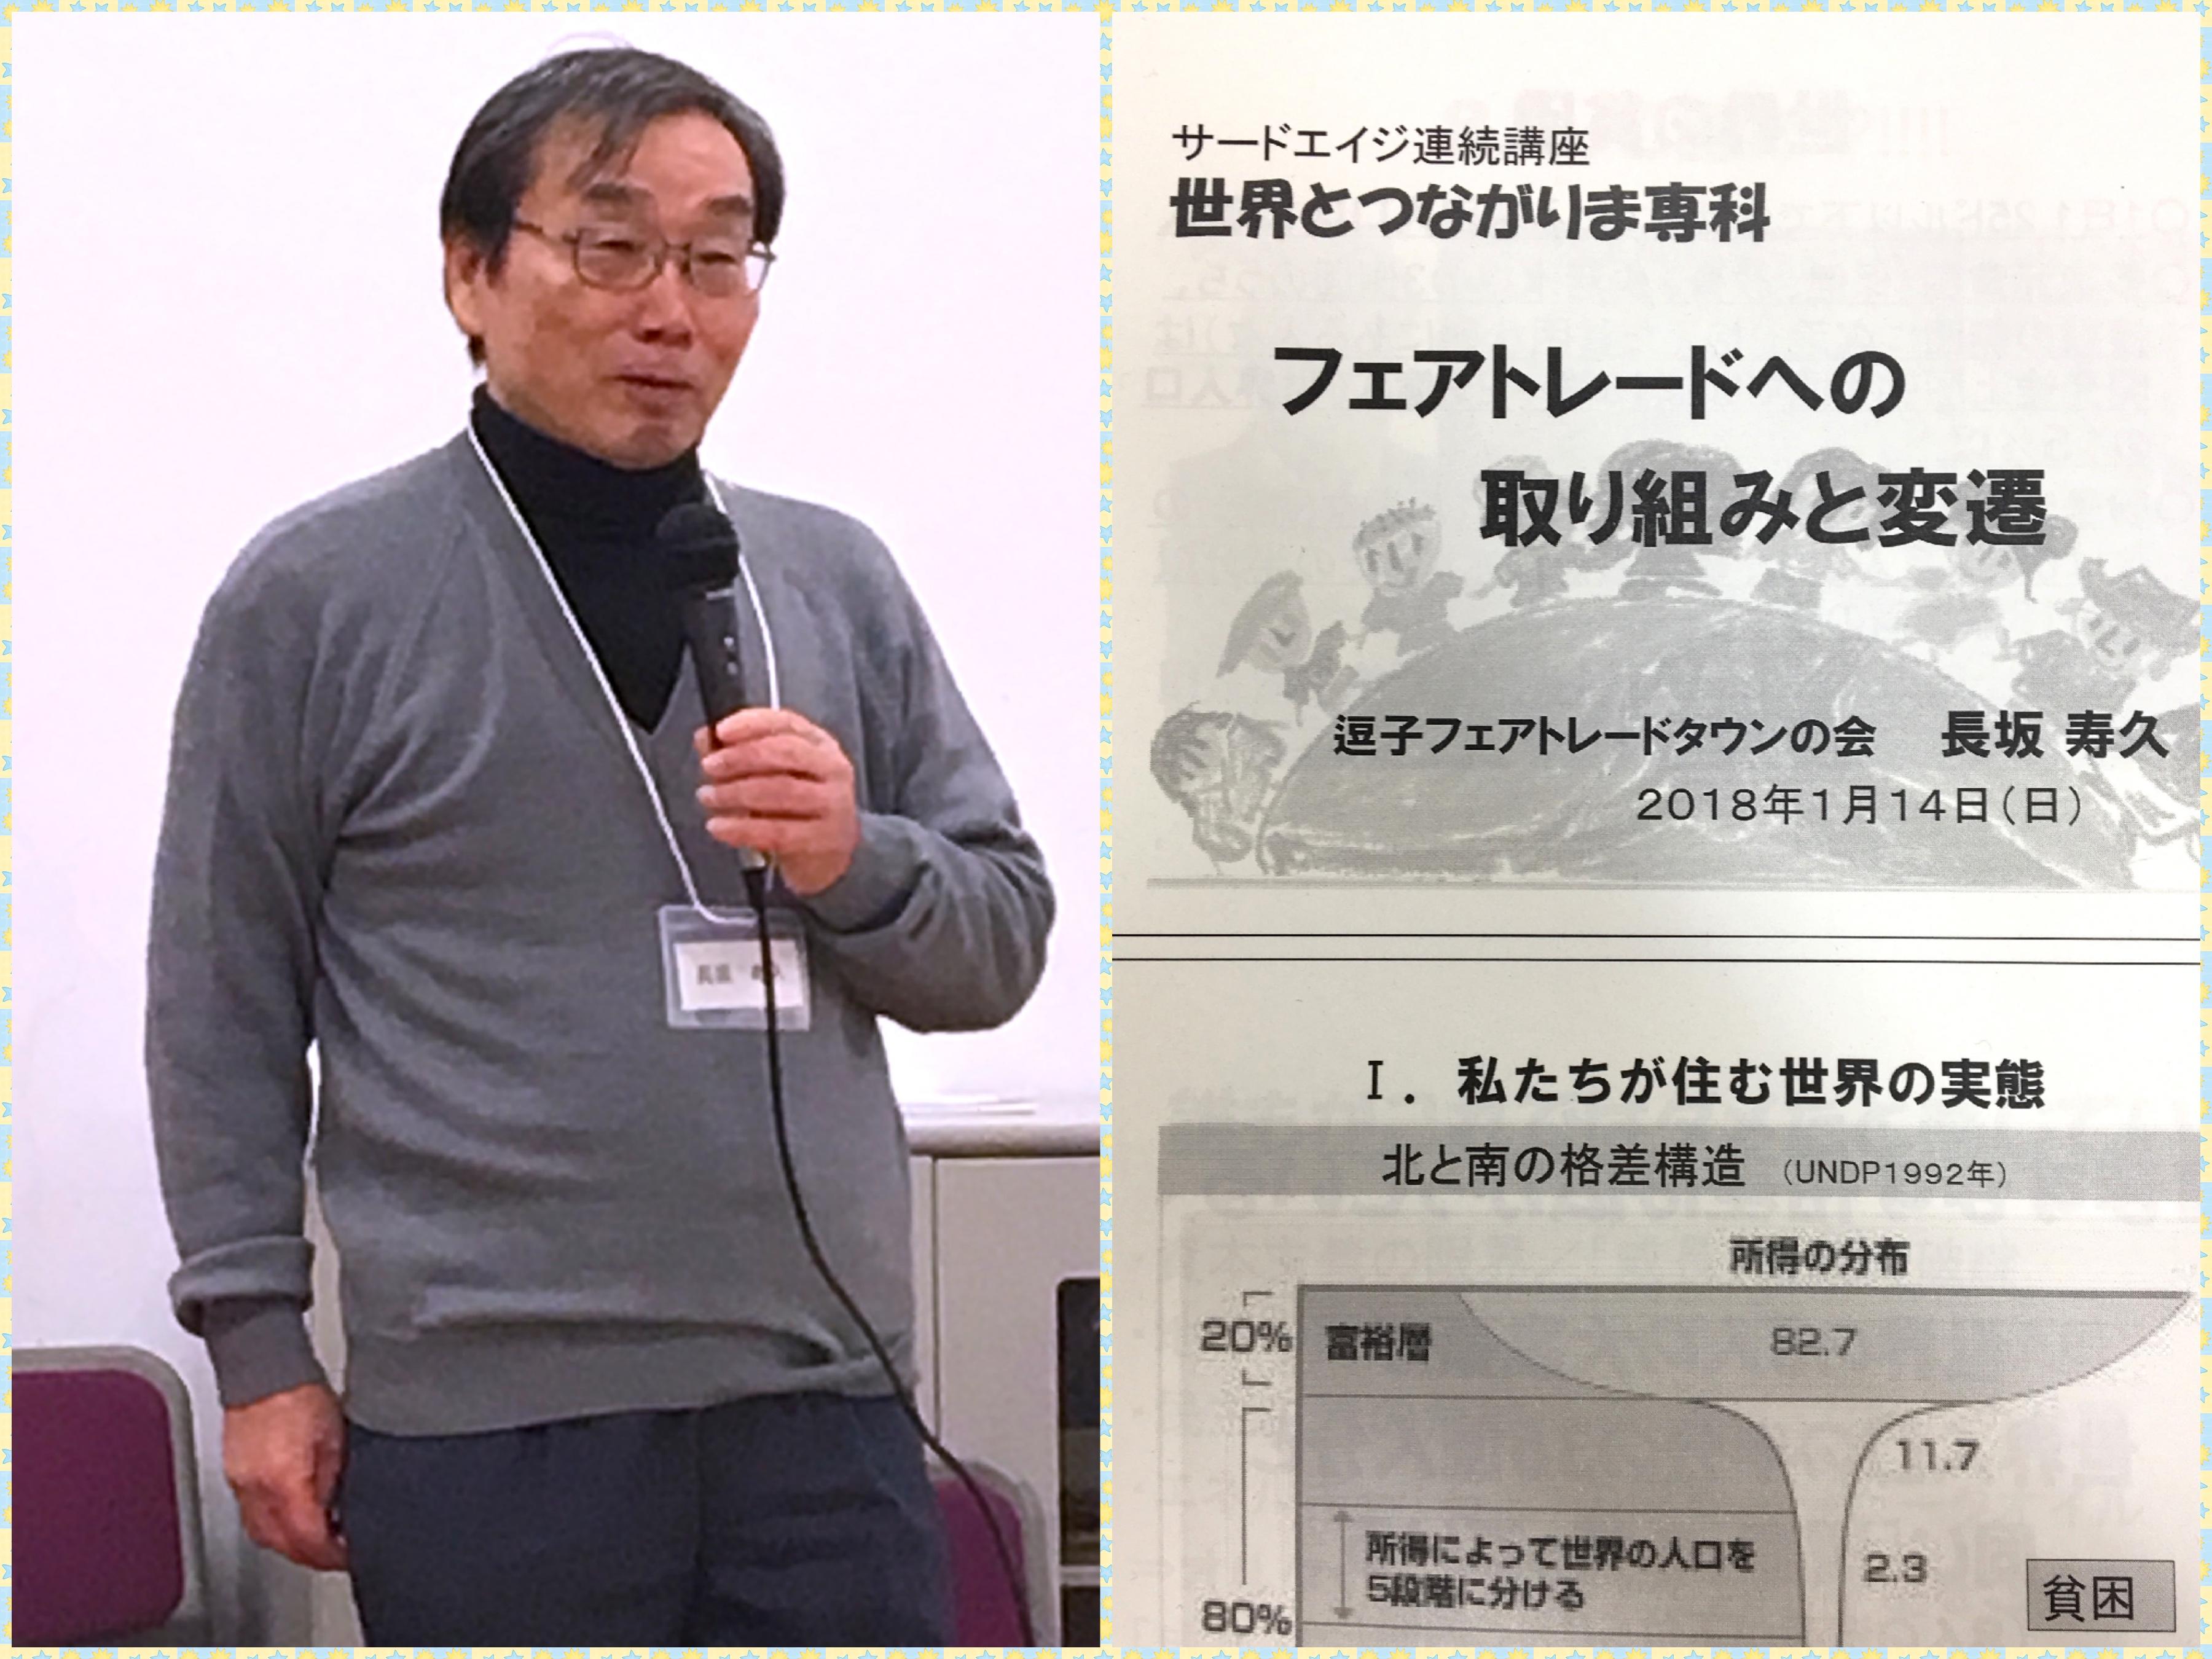 サードエイジ講座で長坂先生76 years youngの誕生日祝い